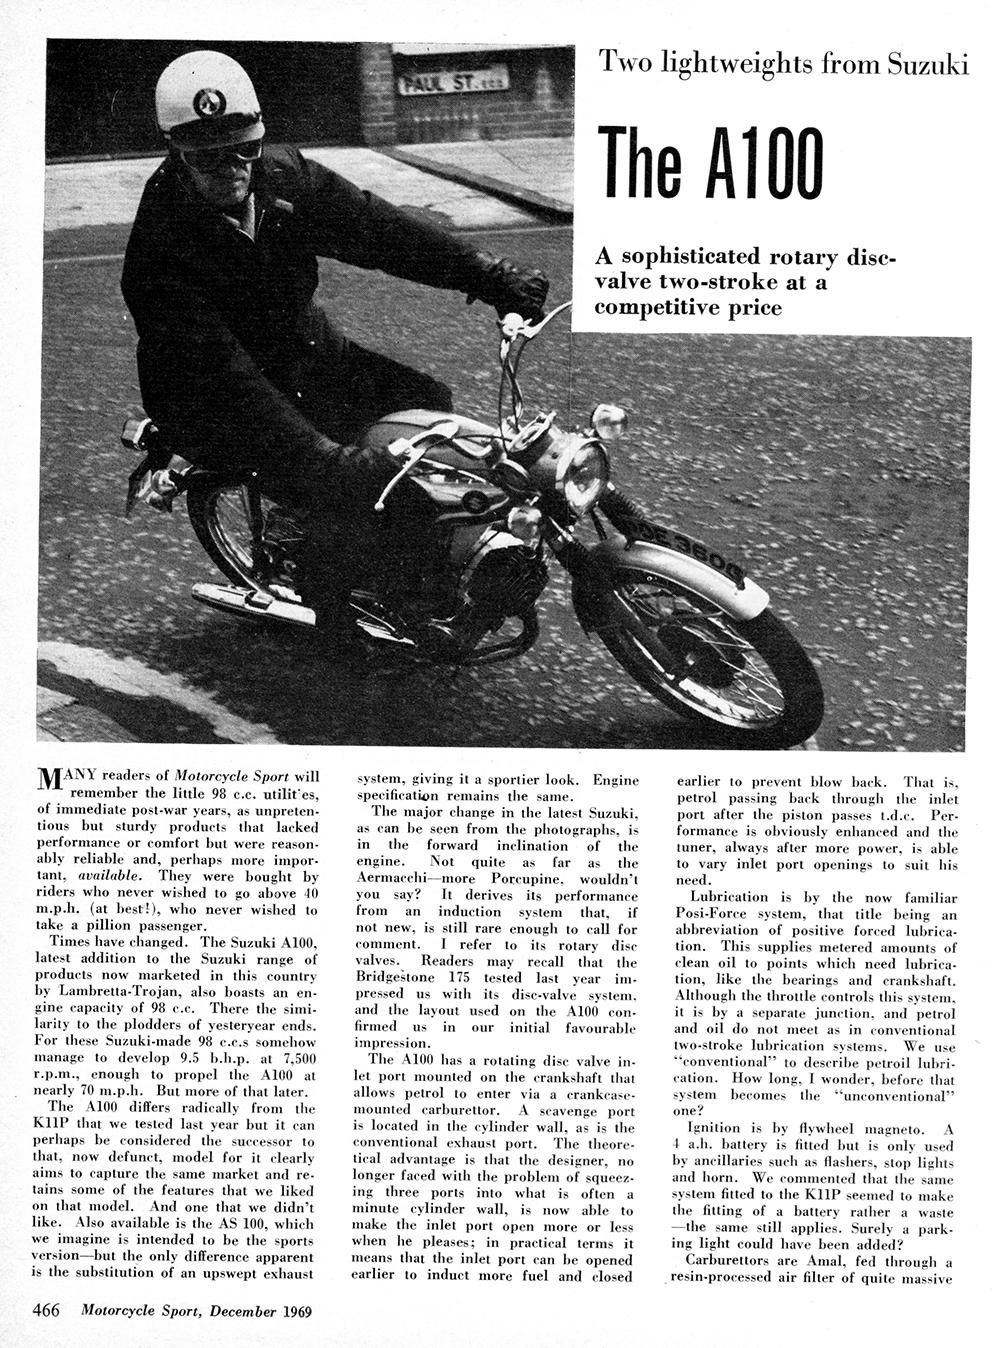 1970 Suzuki A100 road test 1.jpg